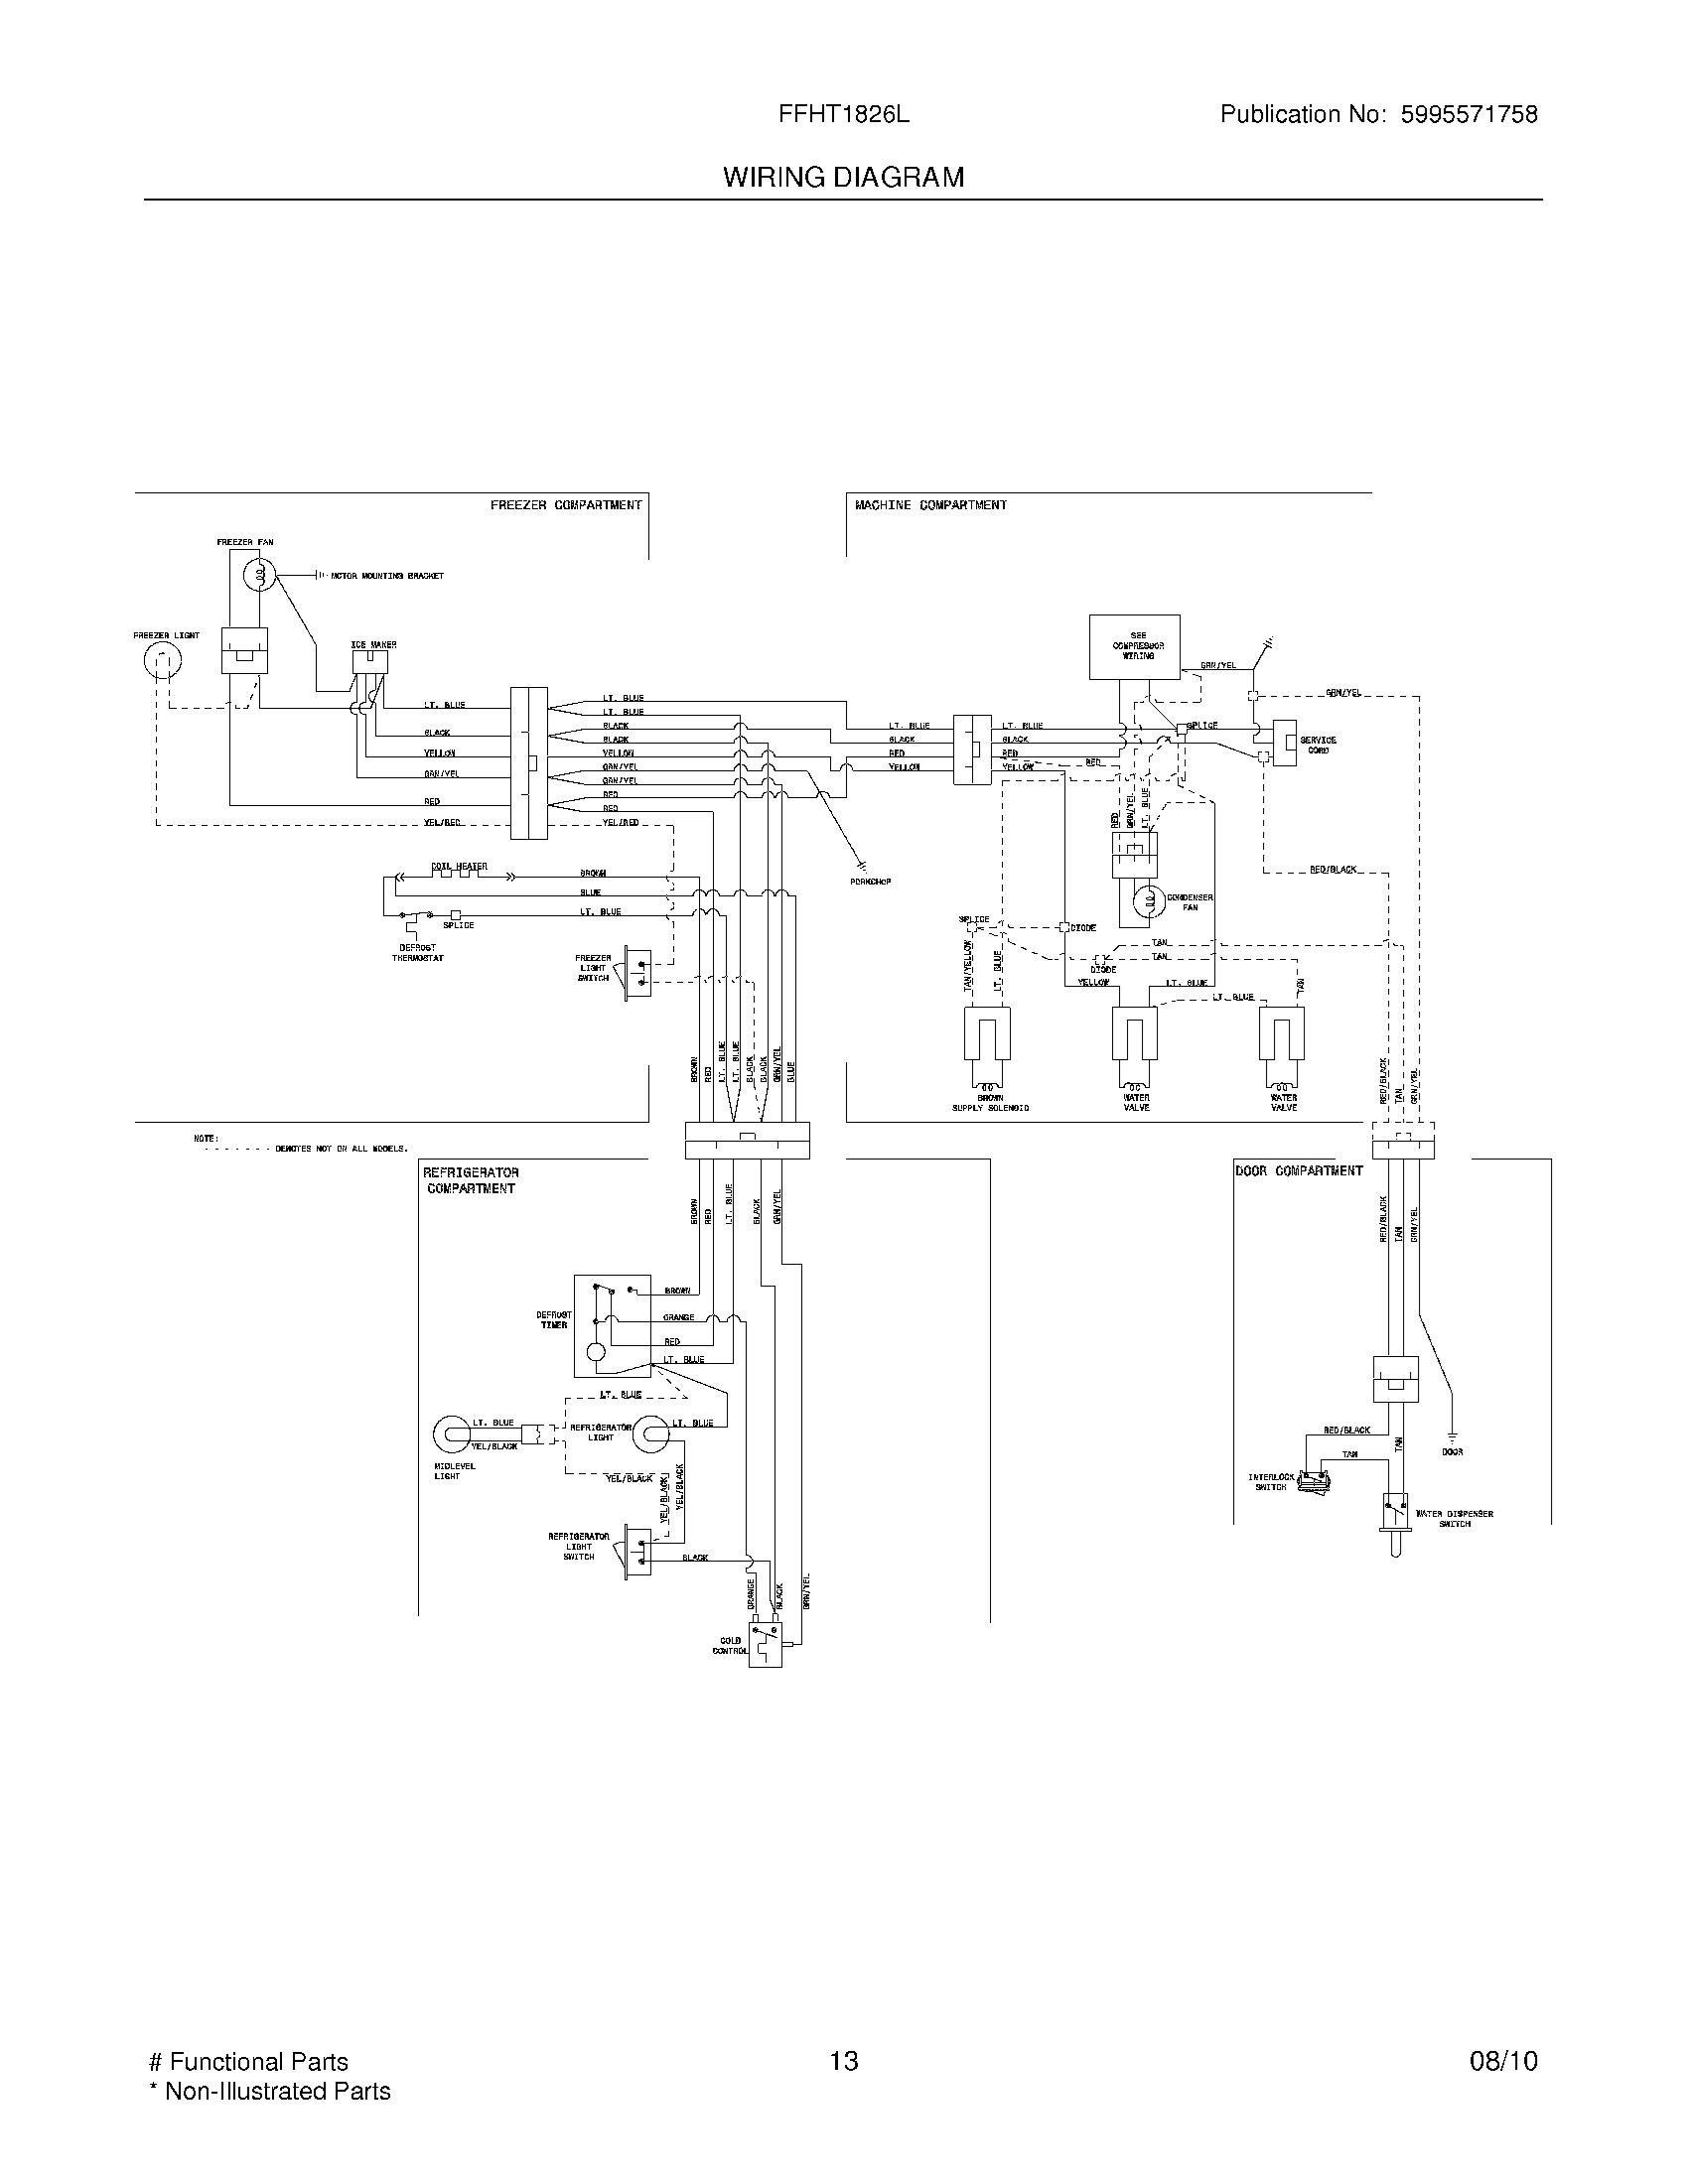 Freezer Wiring Schematic Sears 106 720461 Online Schematics Diagram Frigidaire Free Download Cold Zone Walk In